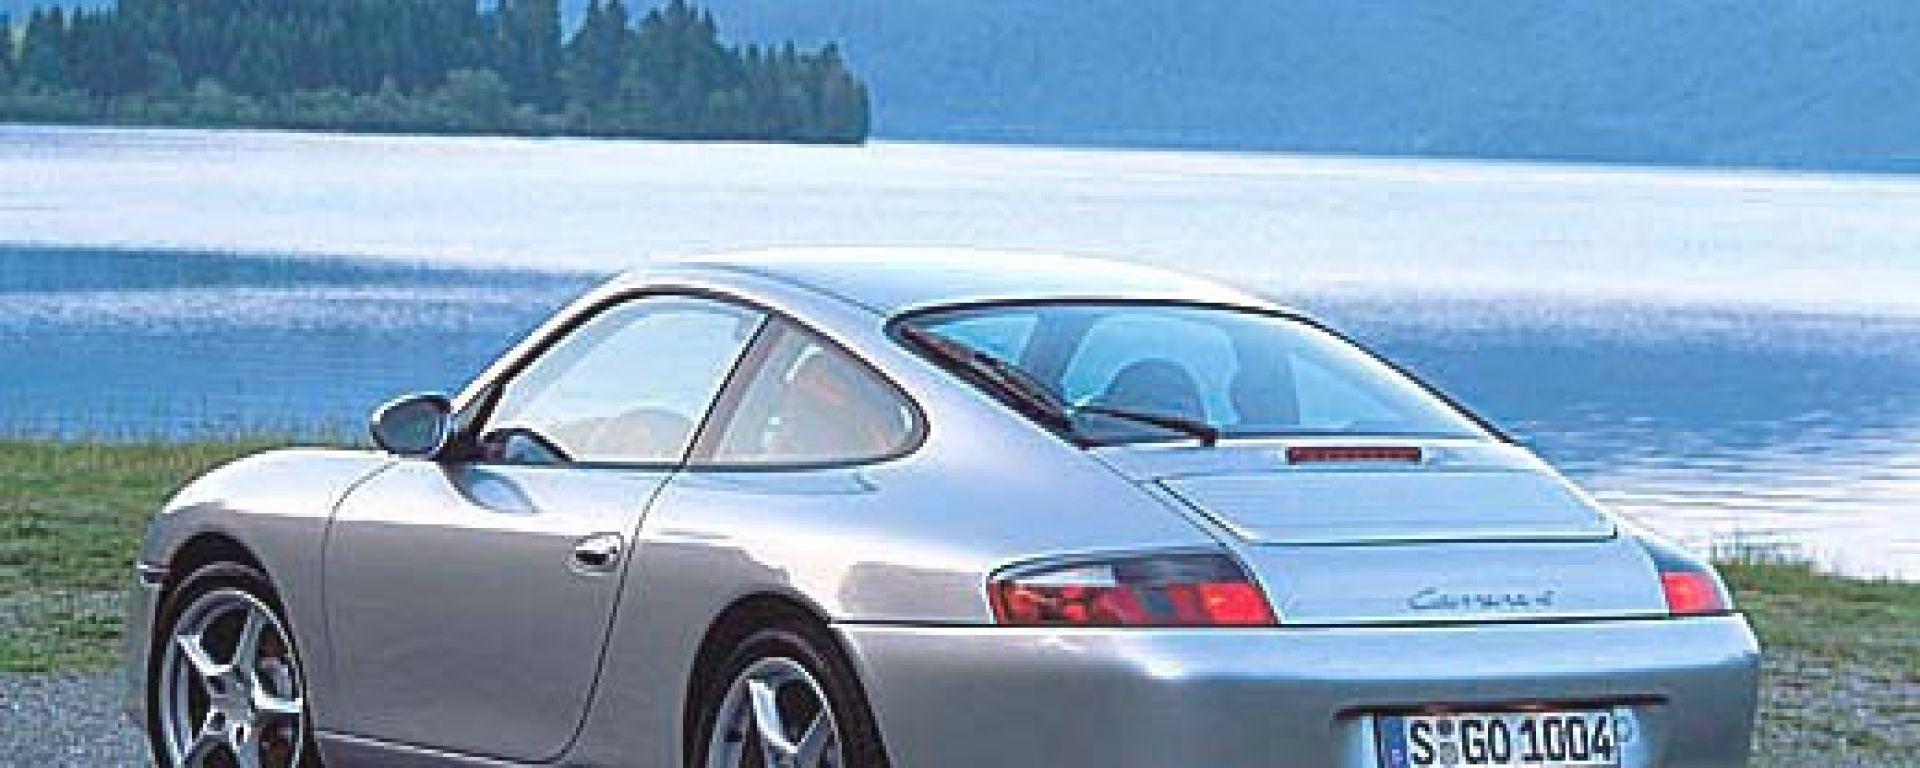 Porsche 911 my 2002